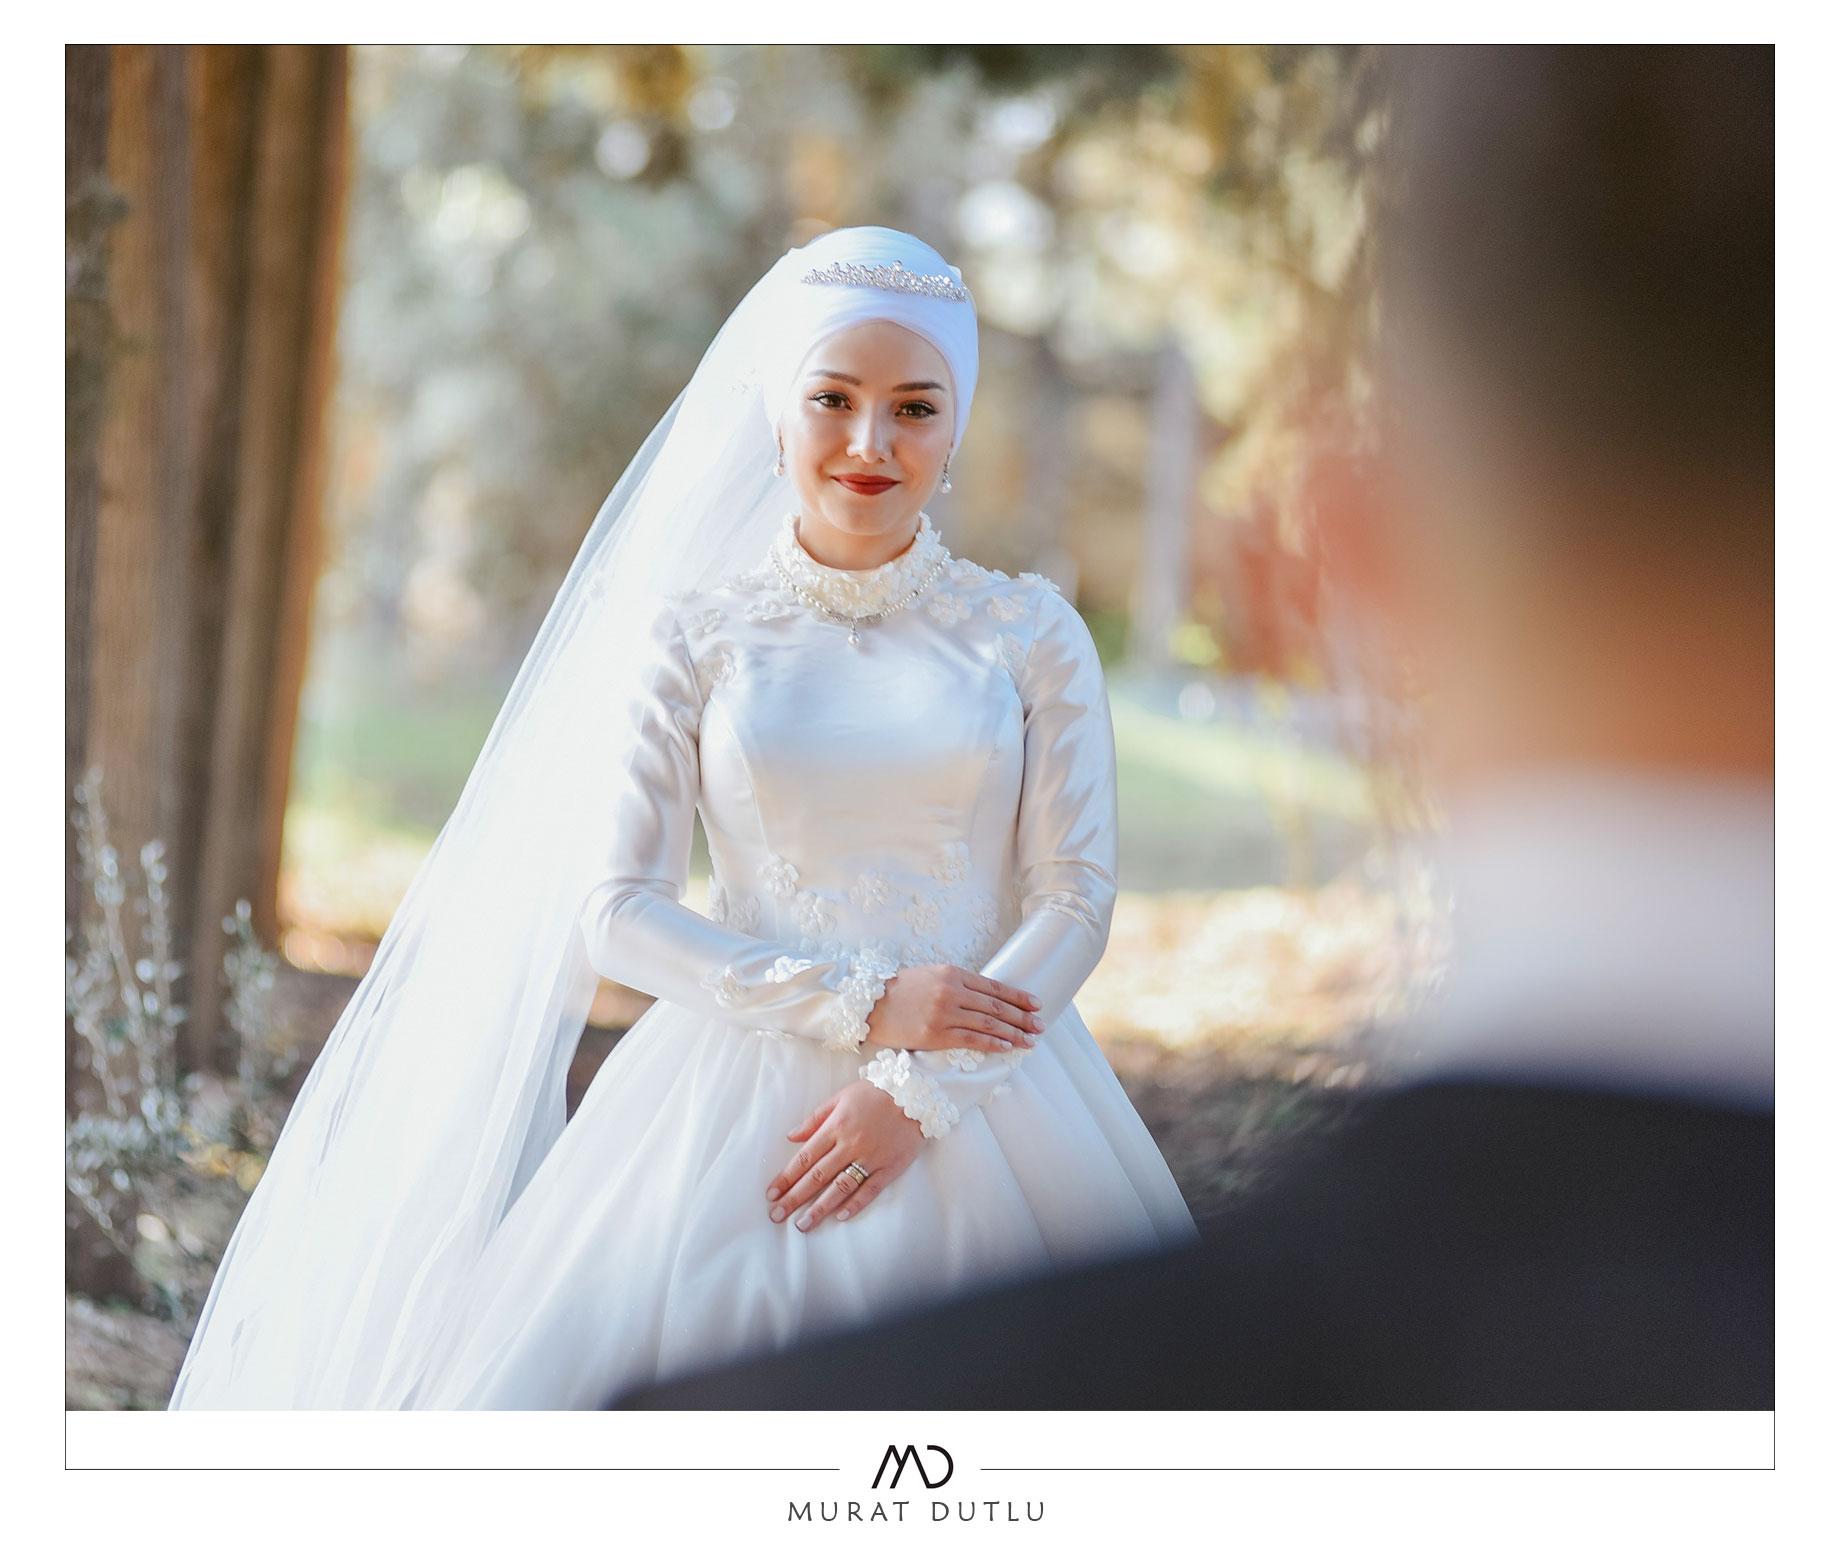 İzmir düğün fotoğrafçısı, dış çekim, düğün fotoğrafları, izmir düğün hikayesi